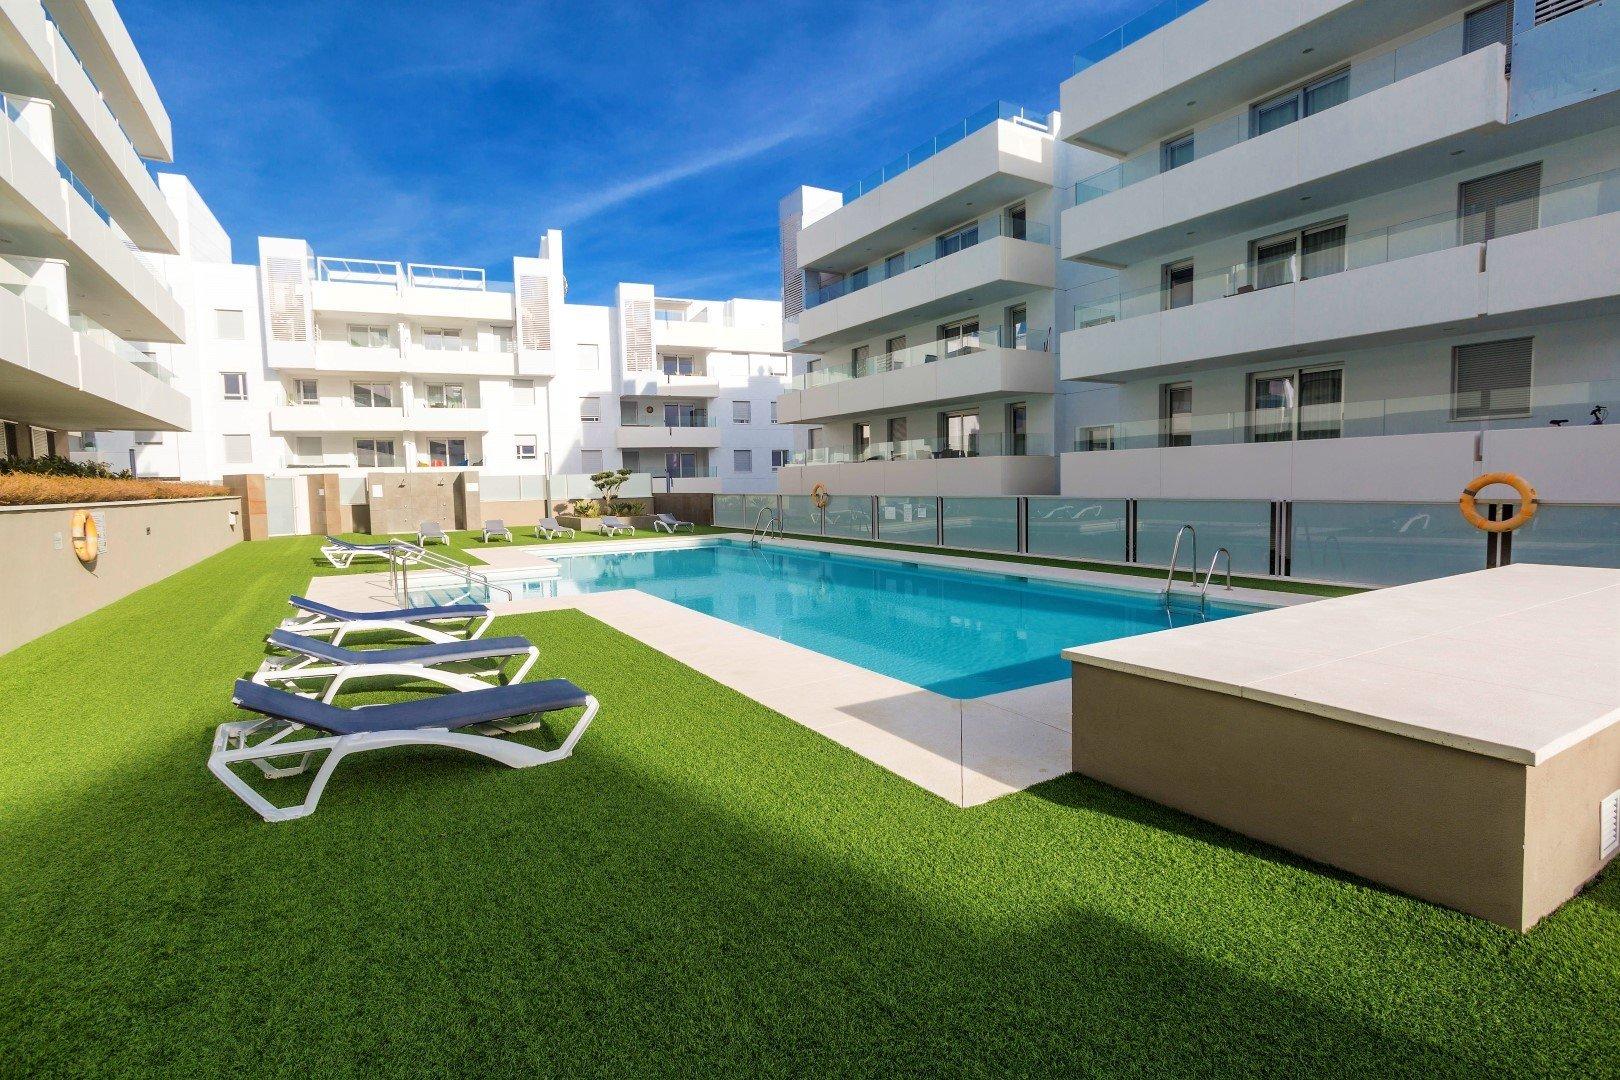 Apartment for rent in San Pedro Alcantara, Acqua